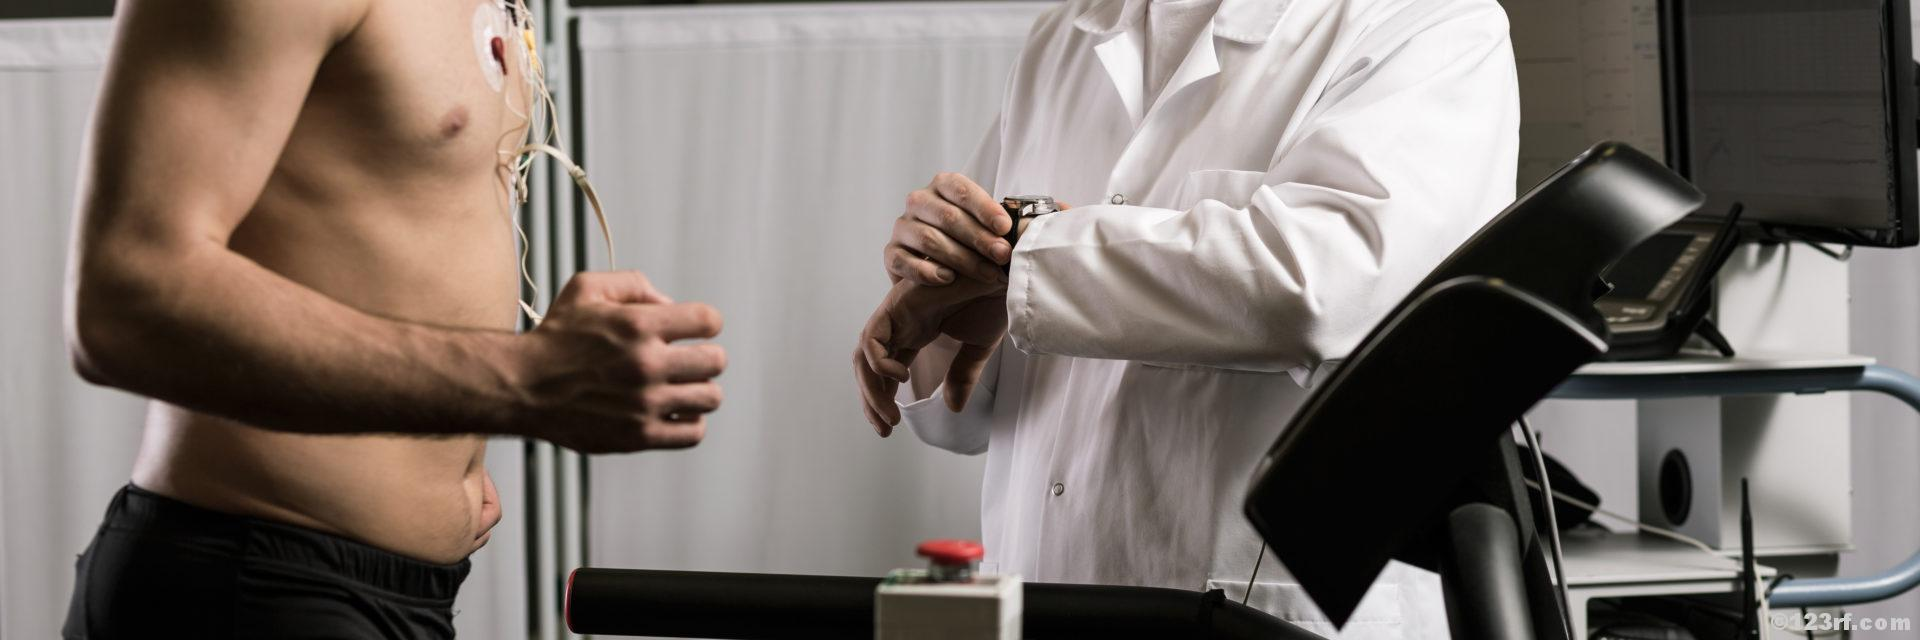 Stoffwechselanalyse Spiroergometrie Diagnostik